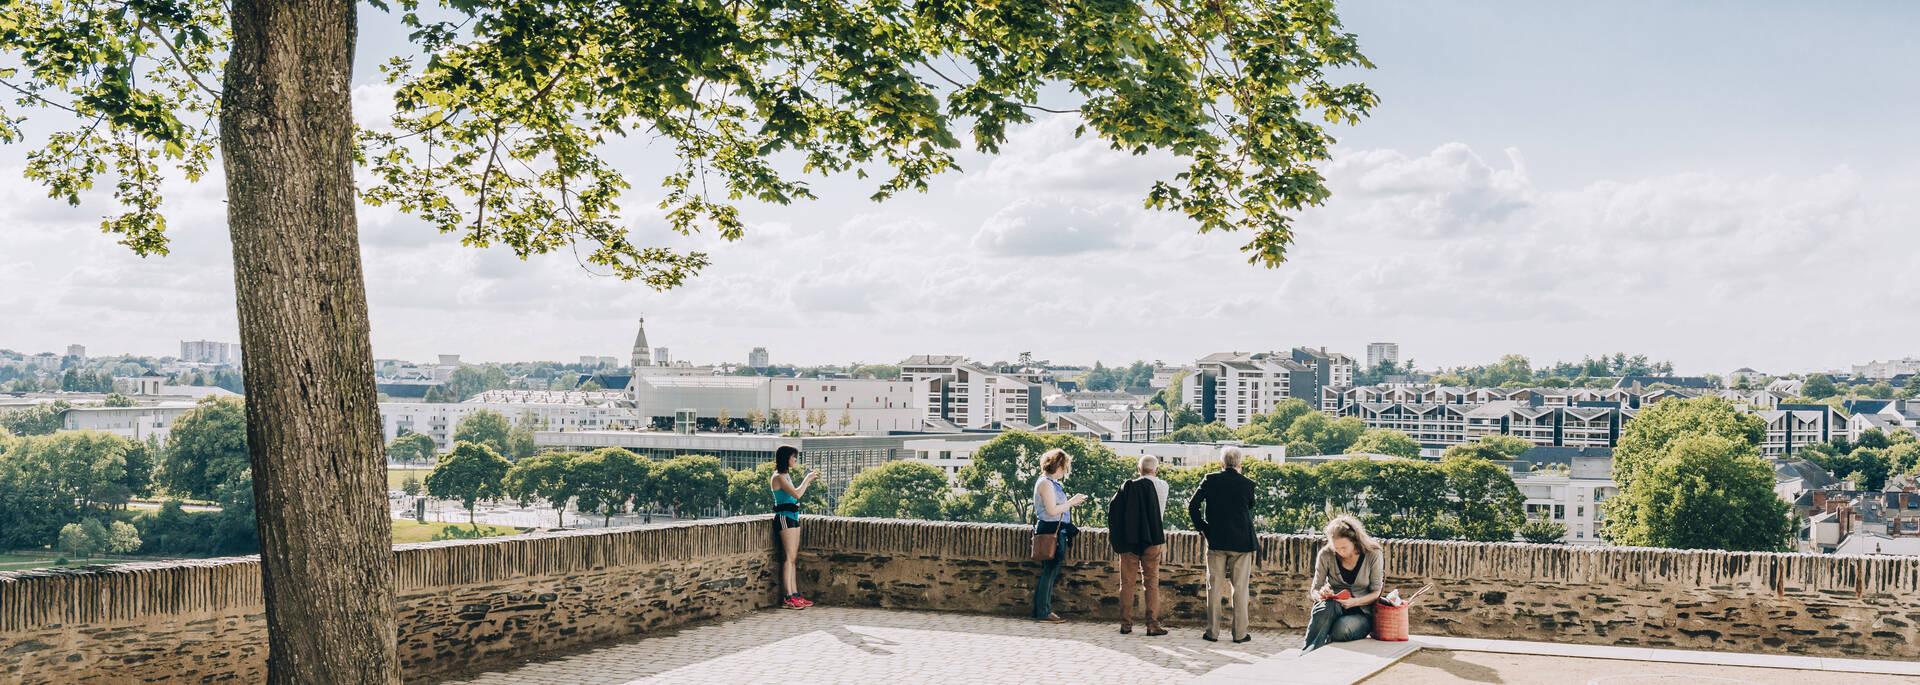 Promenade du Bout du Monde à Angers © Romain Bassenne // Destination Angers